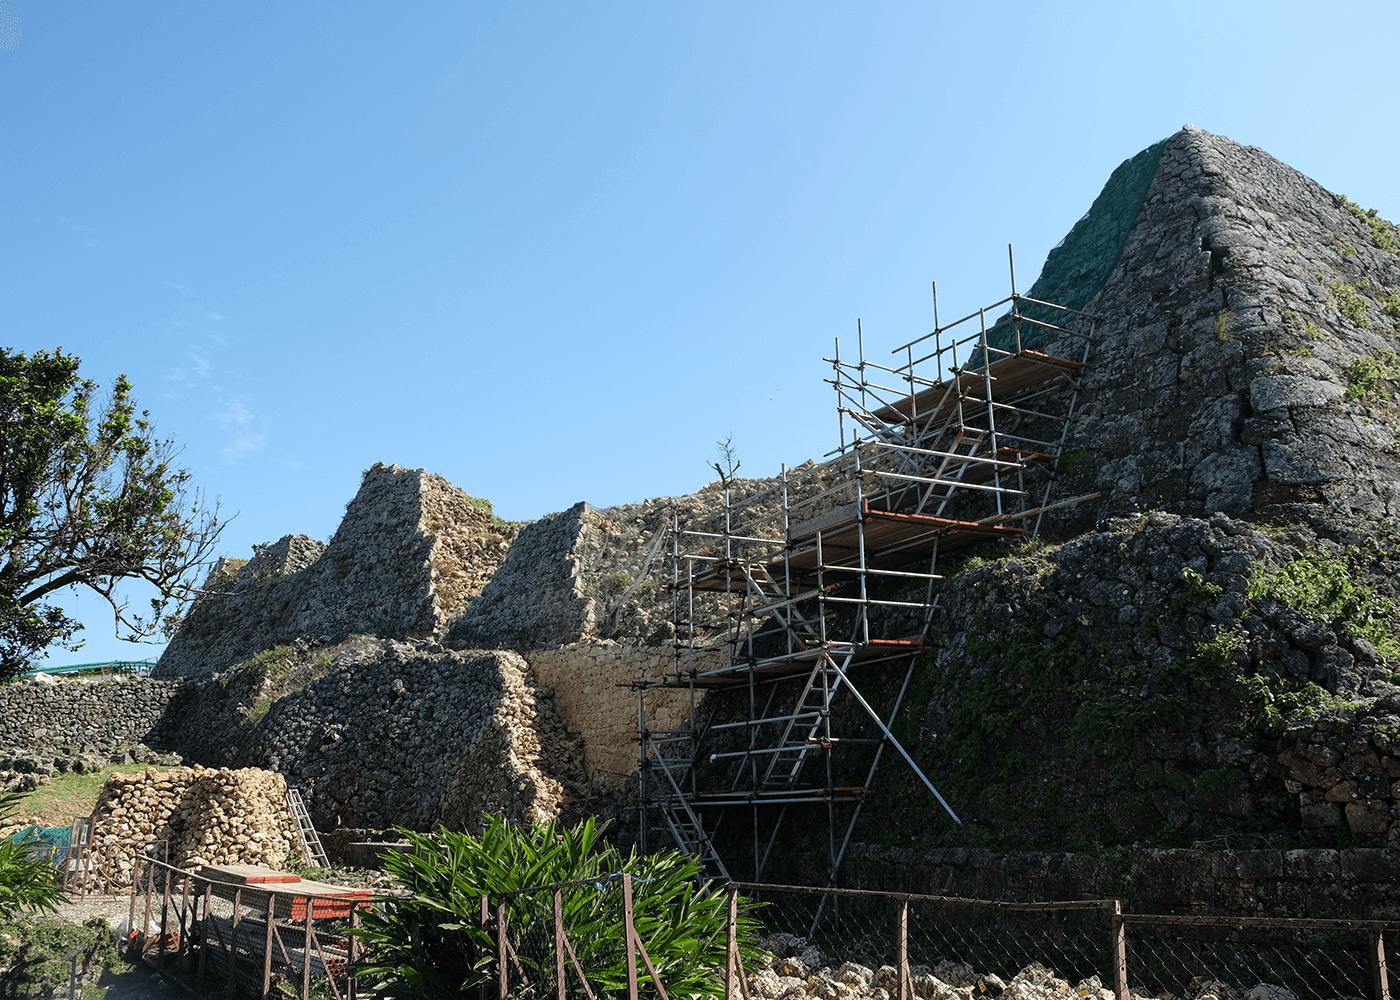 世界遺産 中城城跡(なかぐすくしろあと)